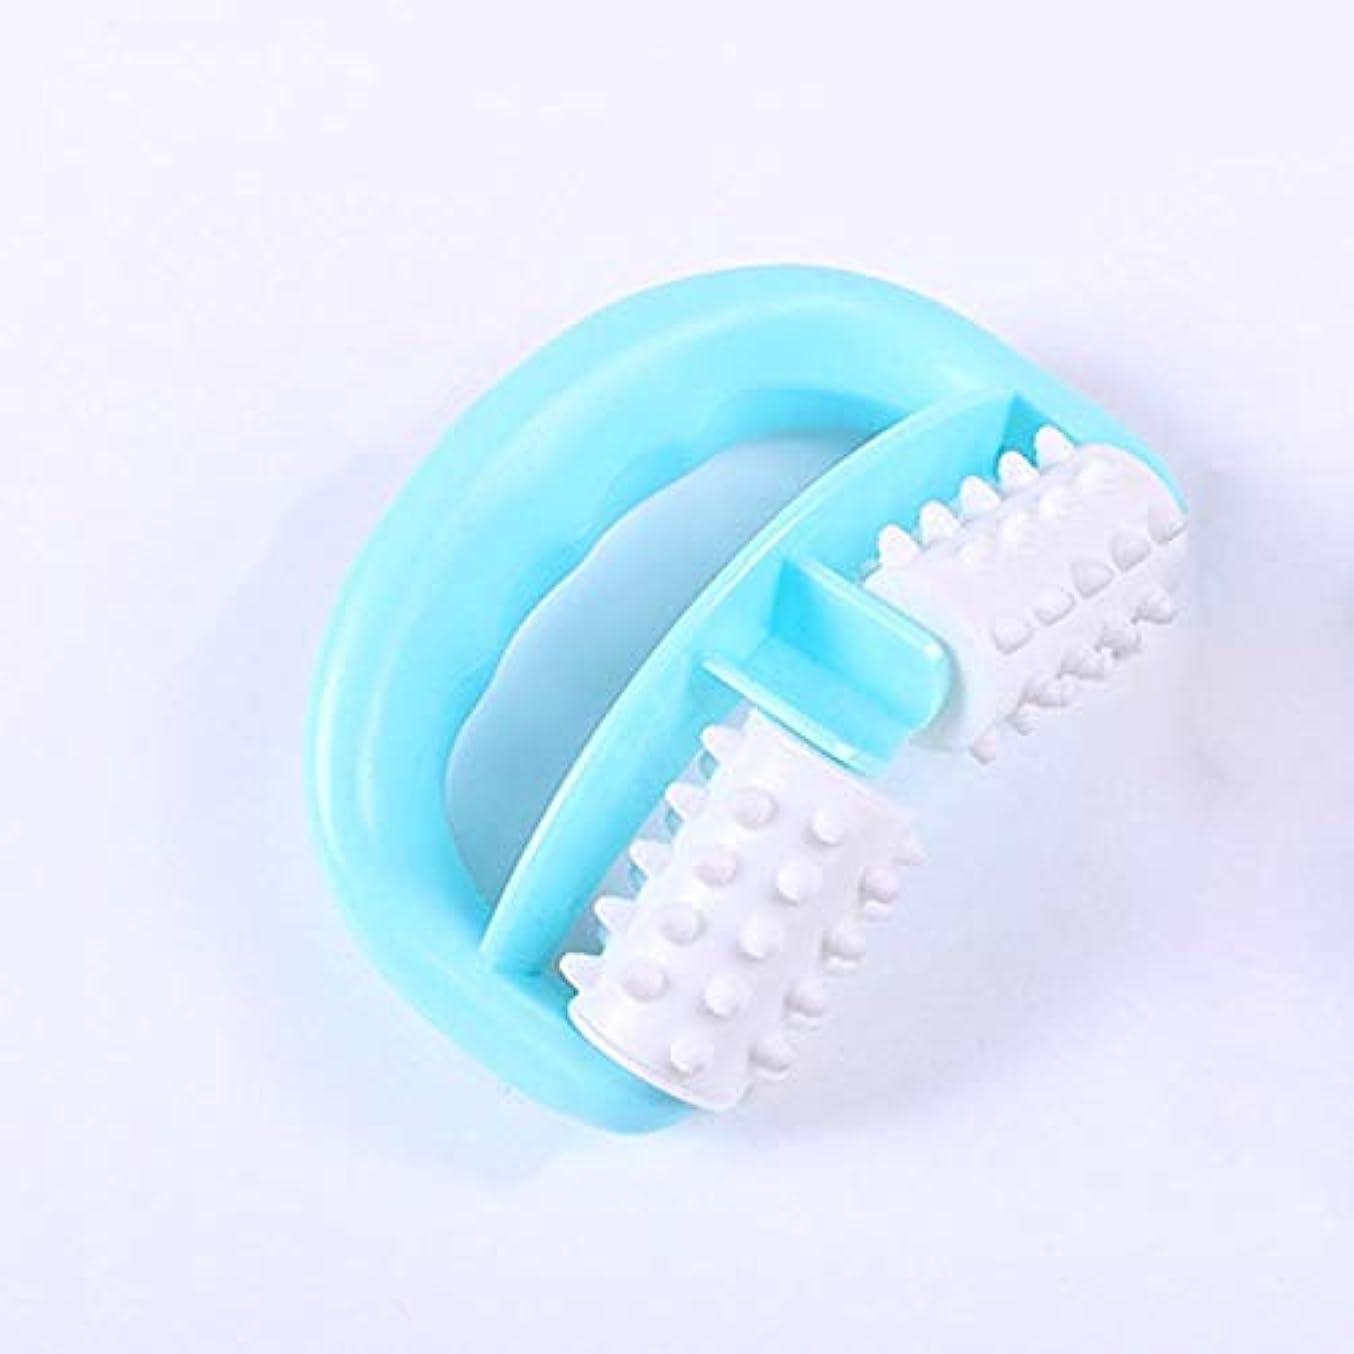 発行ひいきにするシートLVESHOP プラスチック手動ラウンドハンドルマッスルマッサージボディローラーマッサージャー脚の腕のセルライトローラー